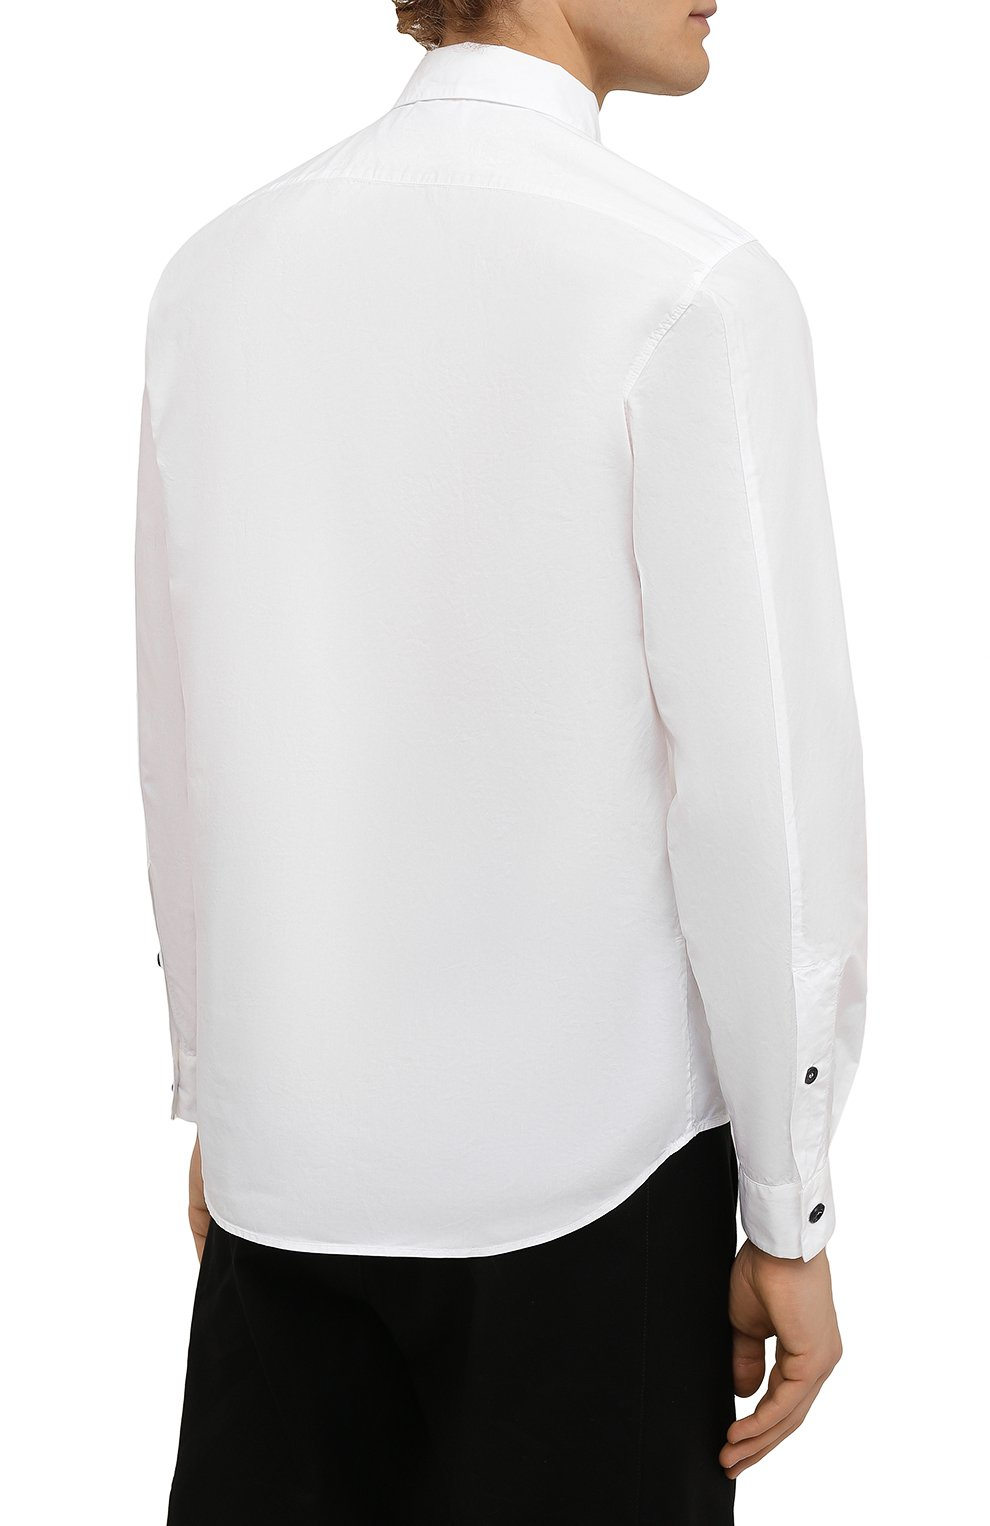 Мужская хлопковая рубашка STONE ISLAND белого цвета, арт. 751512501 | Фото 4 (Манжеты: На пуговицах; Воротник: Кент; Рукава: Длинные; Случай: Повседневный; Длина (для топов): Стандартные; Материал внешний: Хлопок; Принт: Однотонные; Стили: Кэжуэл)